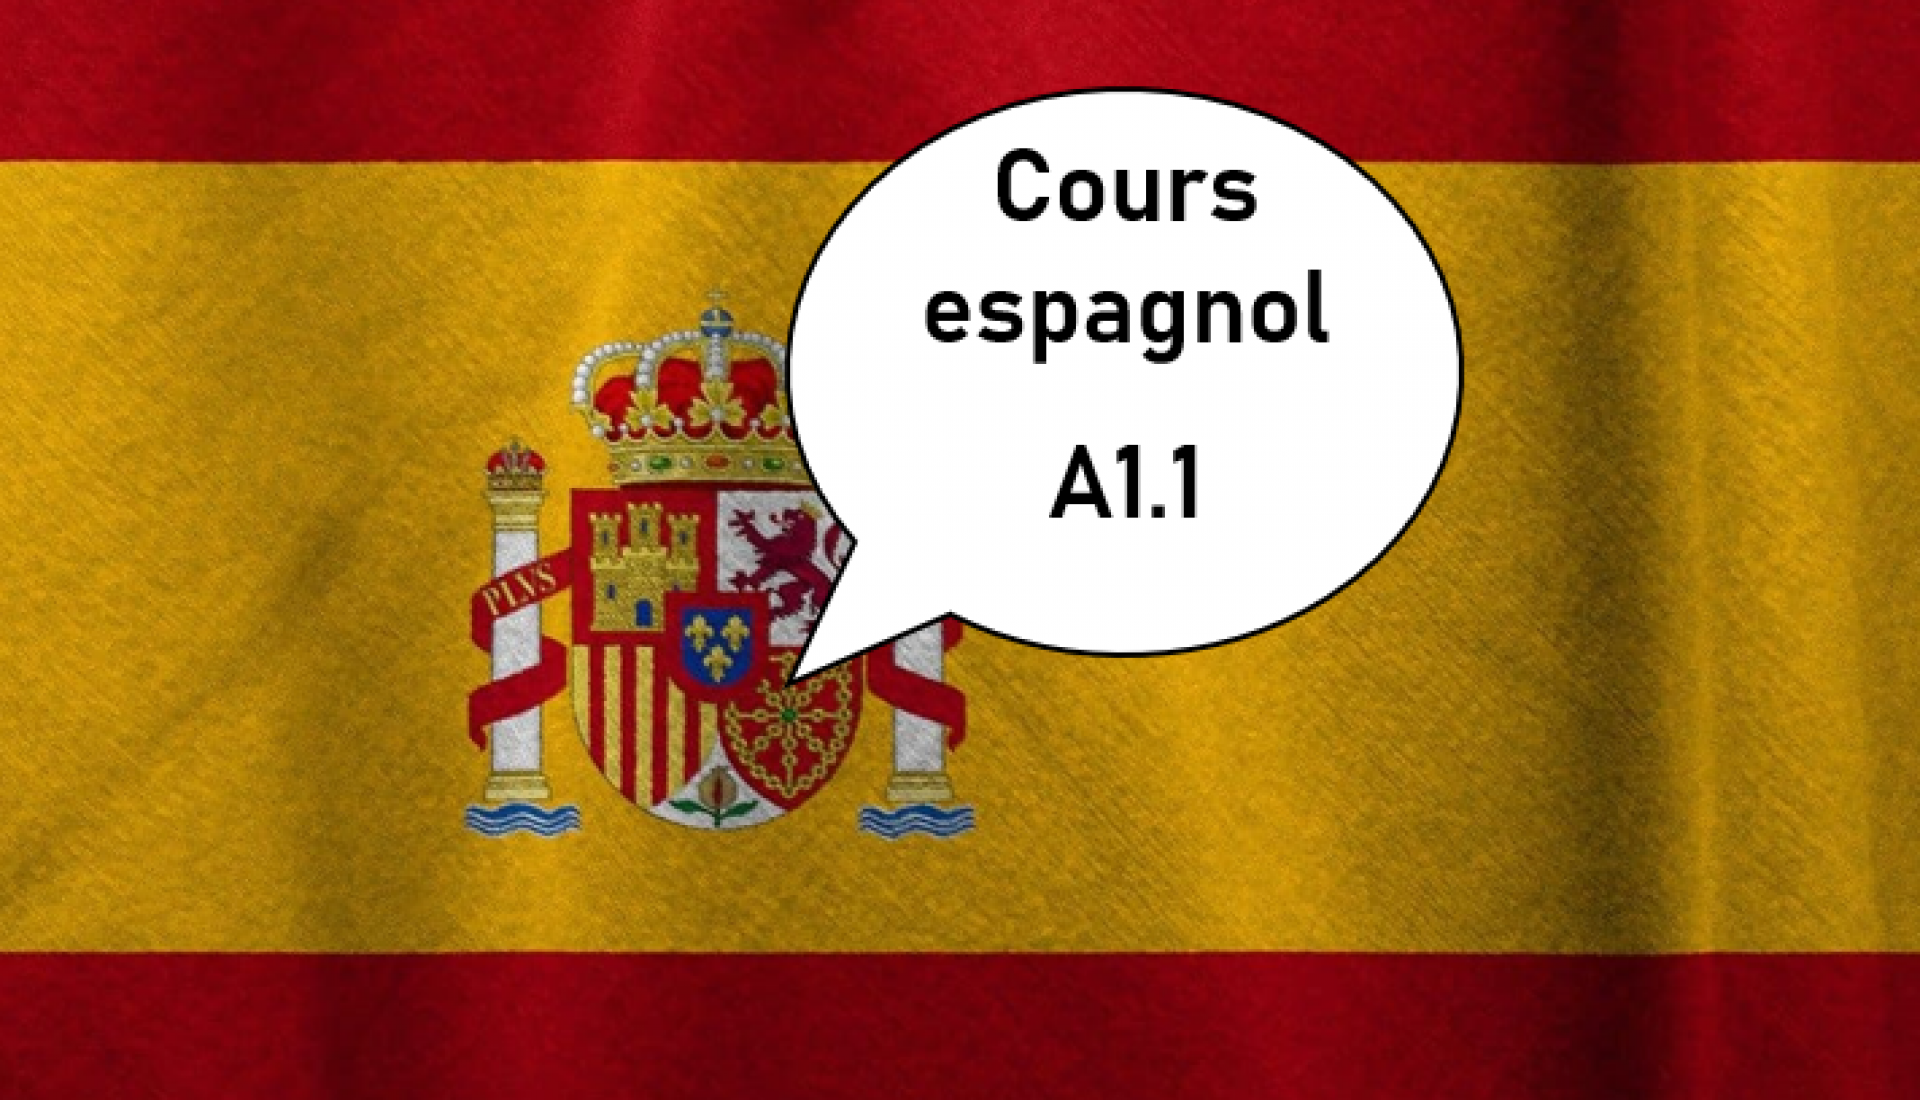 Espagnol A1.1